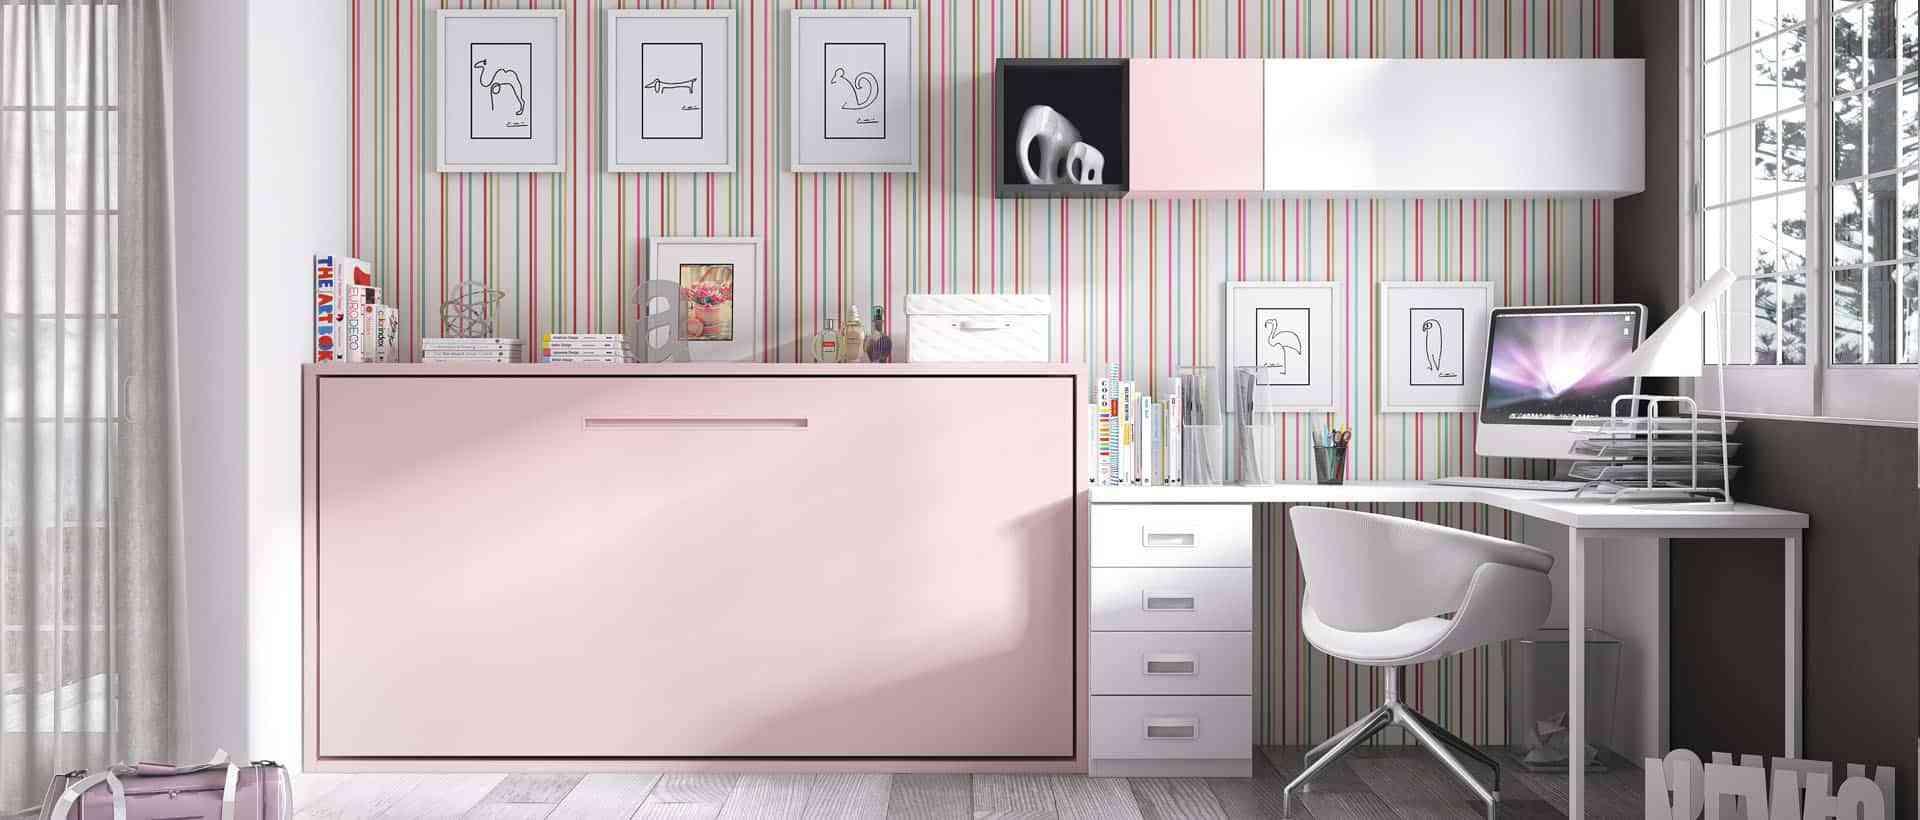 Ideas para decorar una habitacion juvenil cool ideas para - Diseno de dormitorios juveniles ...